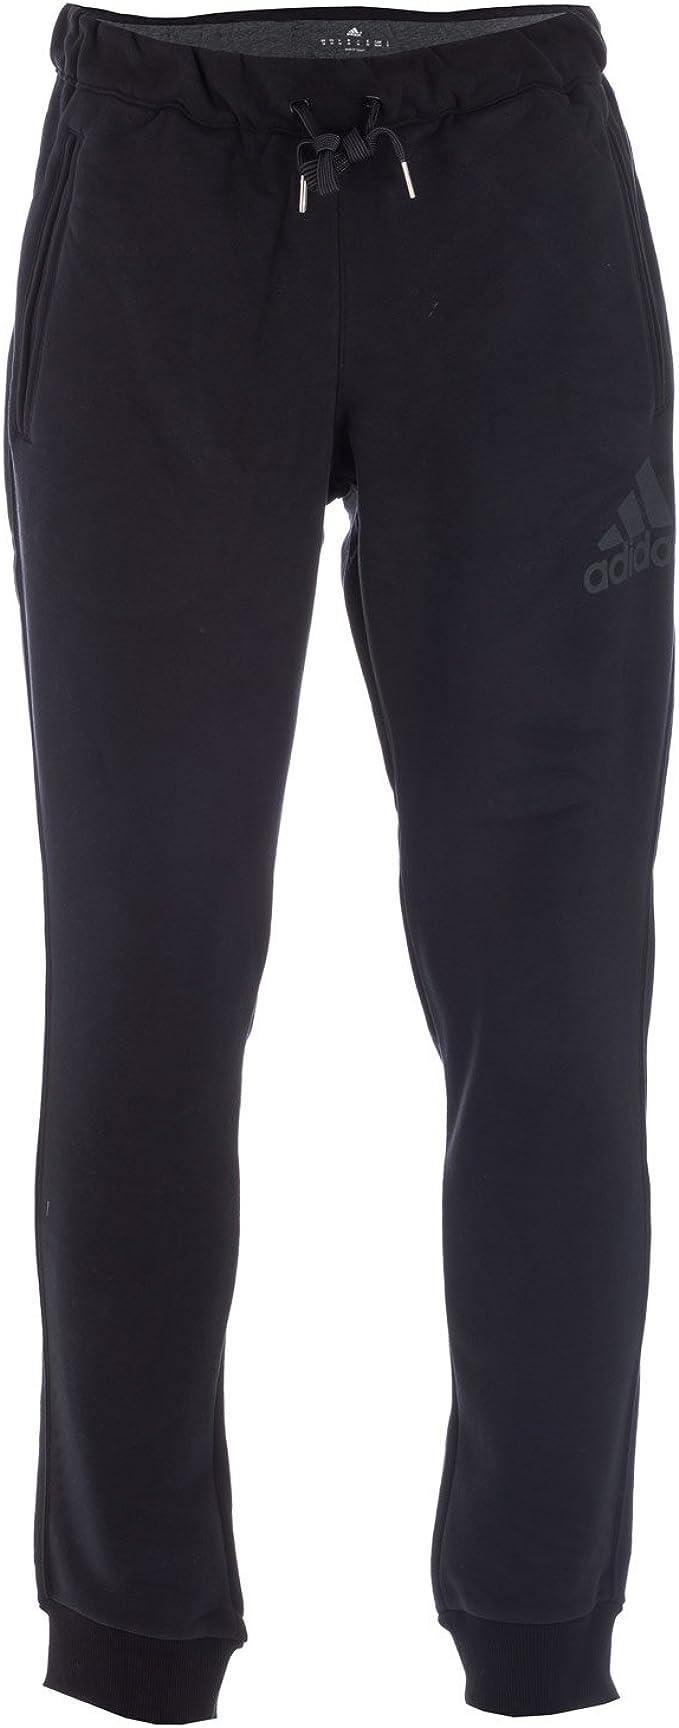 adidas Seasonal Logo – Pantalón Hombre, Hombre, Negro, XS: Amazon ...